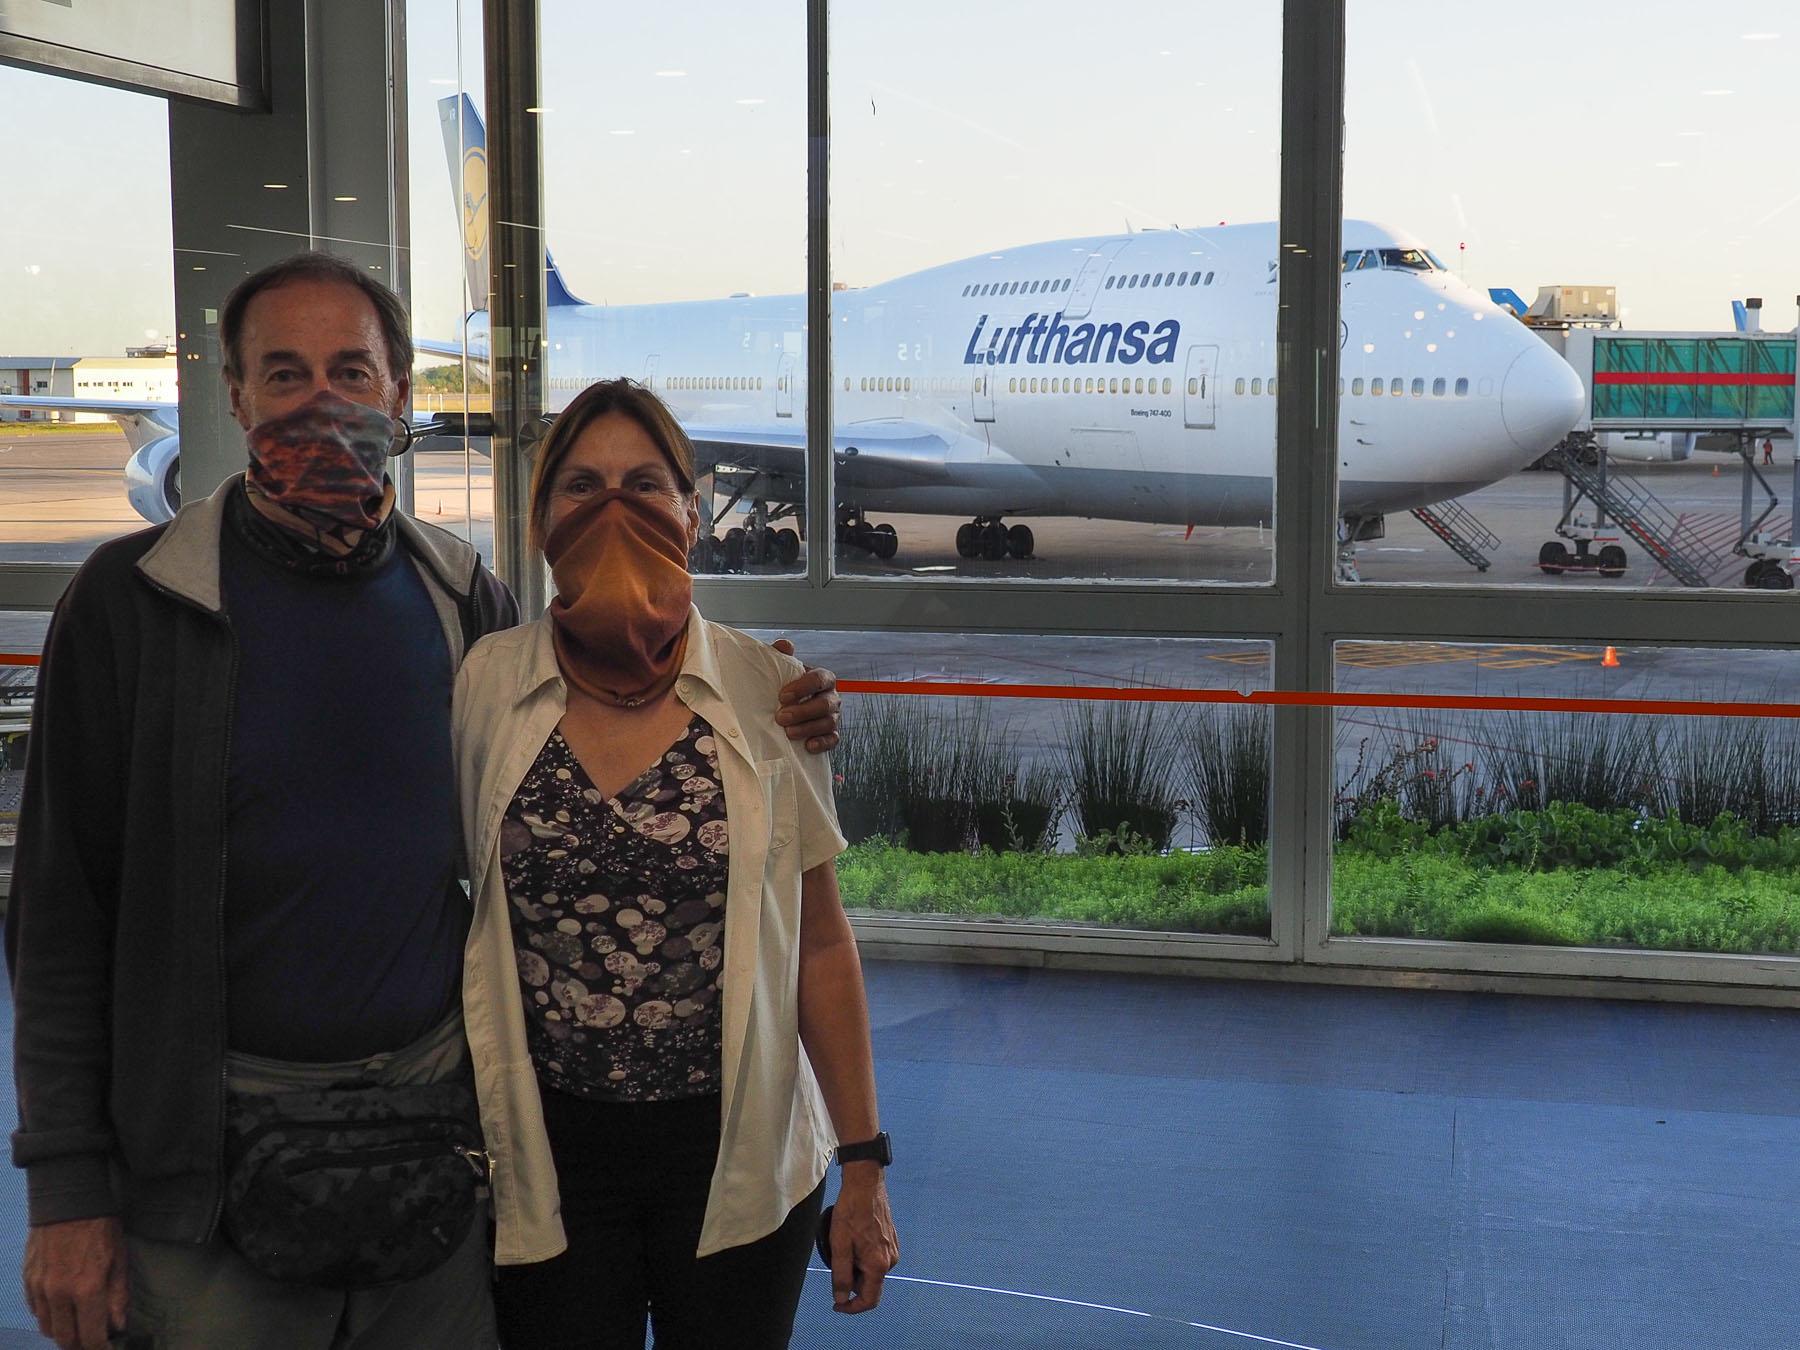 Diese 747 der Lufthansa bringt uns zurück nach Deutschland